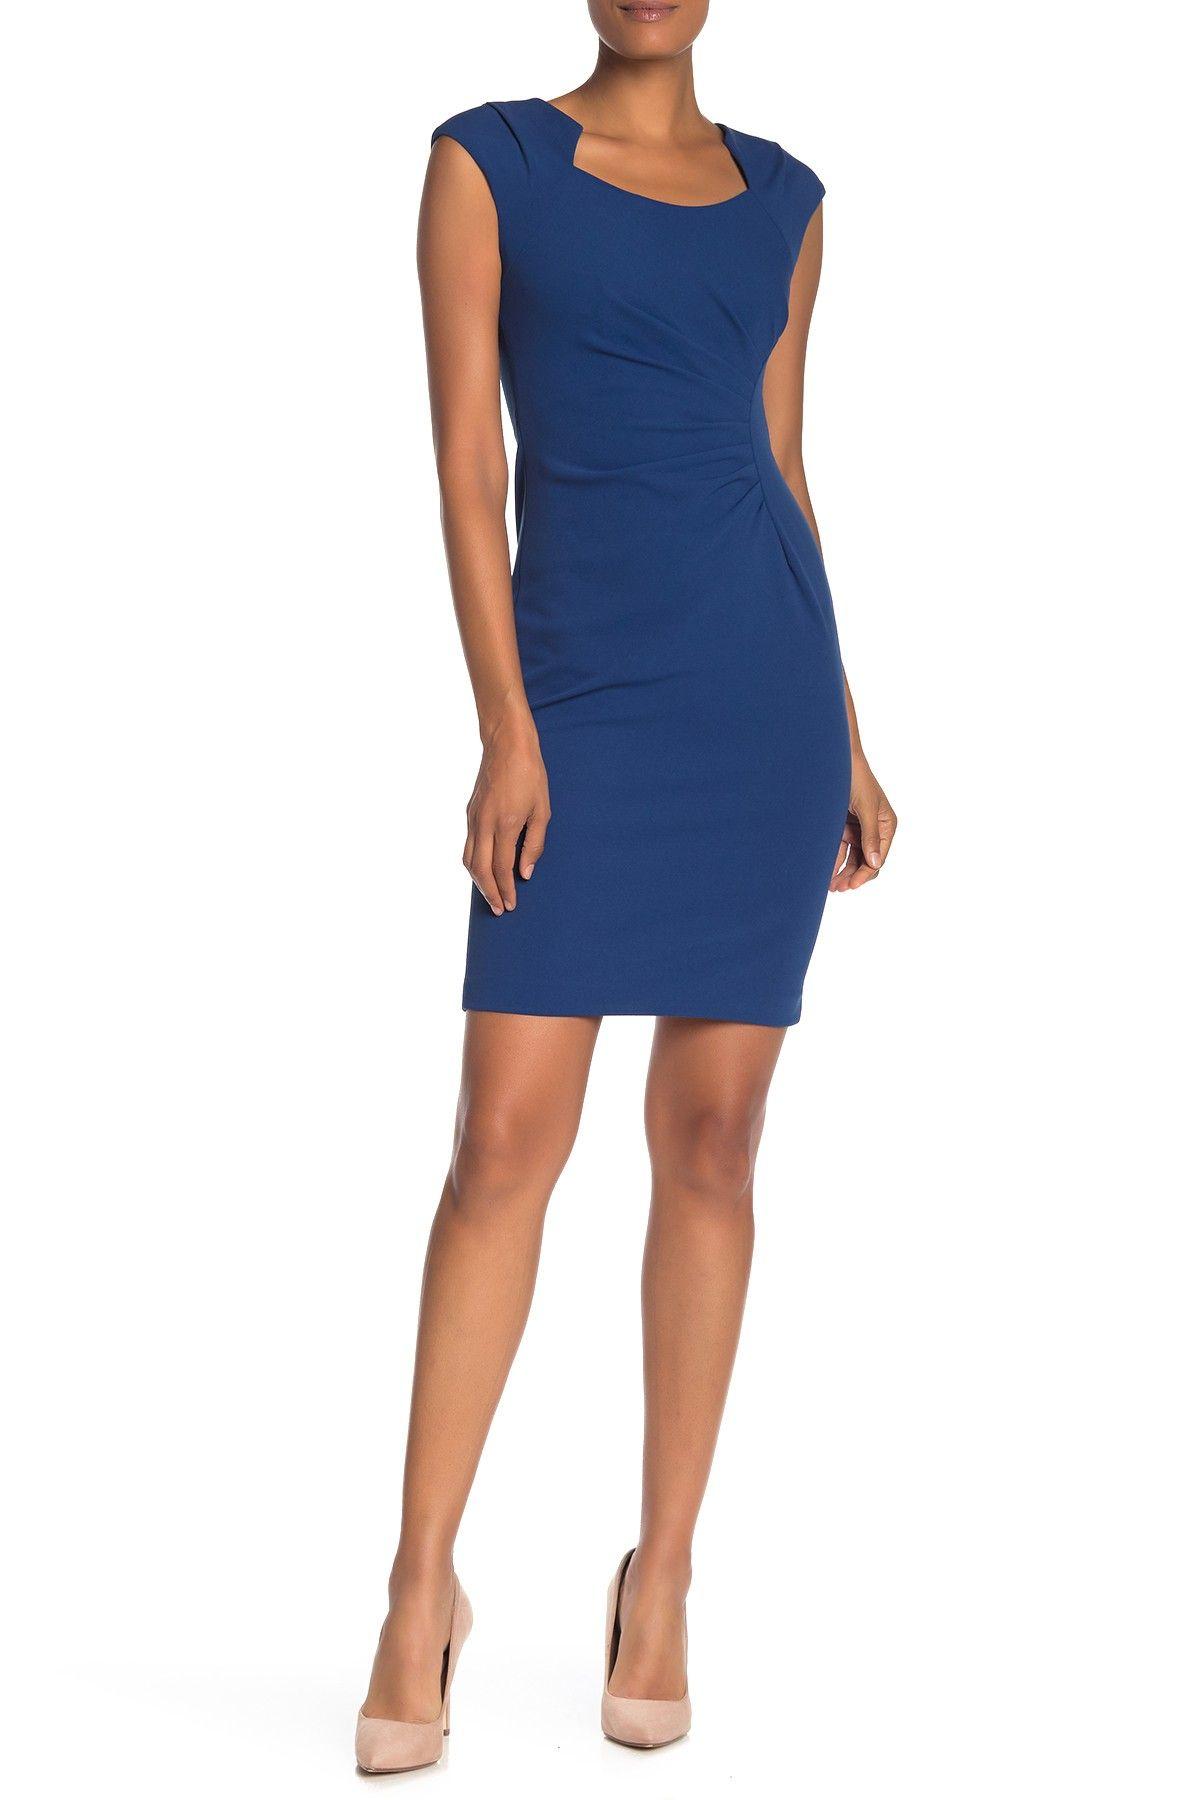 Calvin Klein | Solid Ruched Crepe Sheath Dress | Nordstrom Rack #nordstromrack